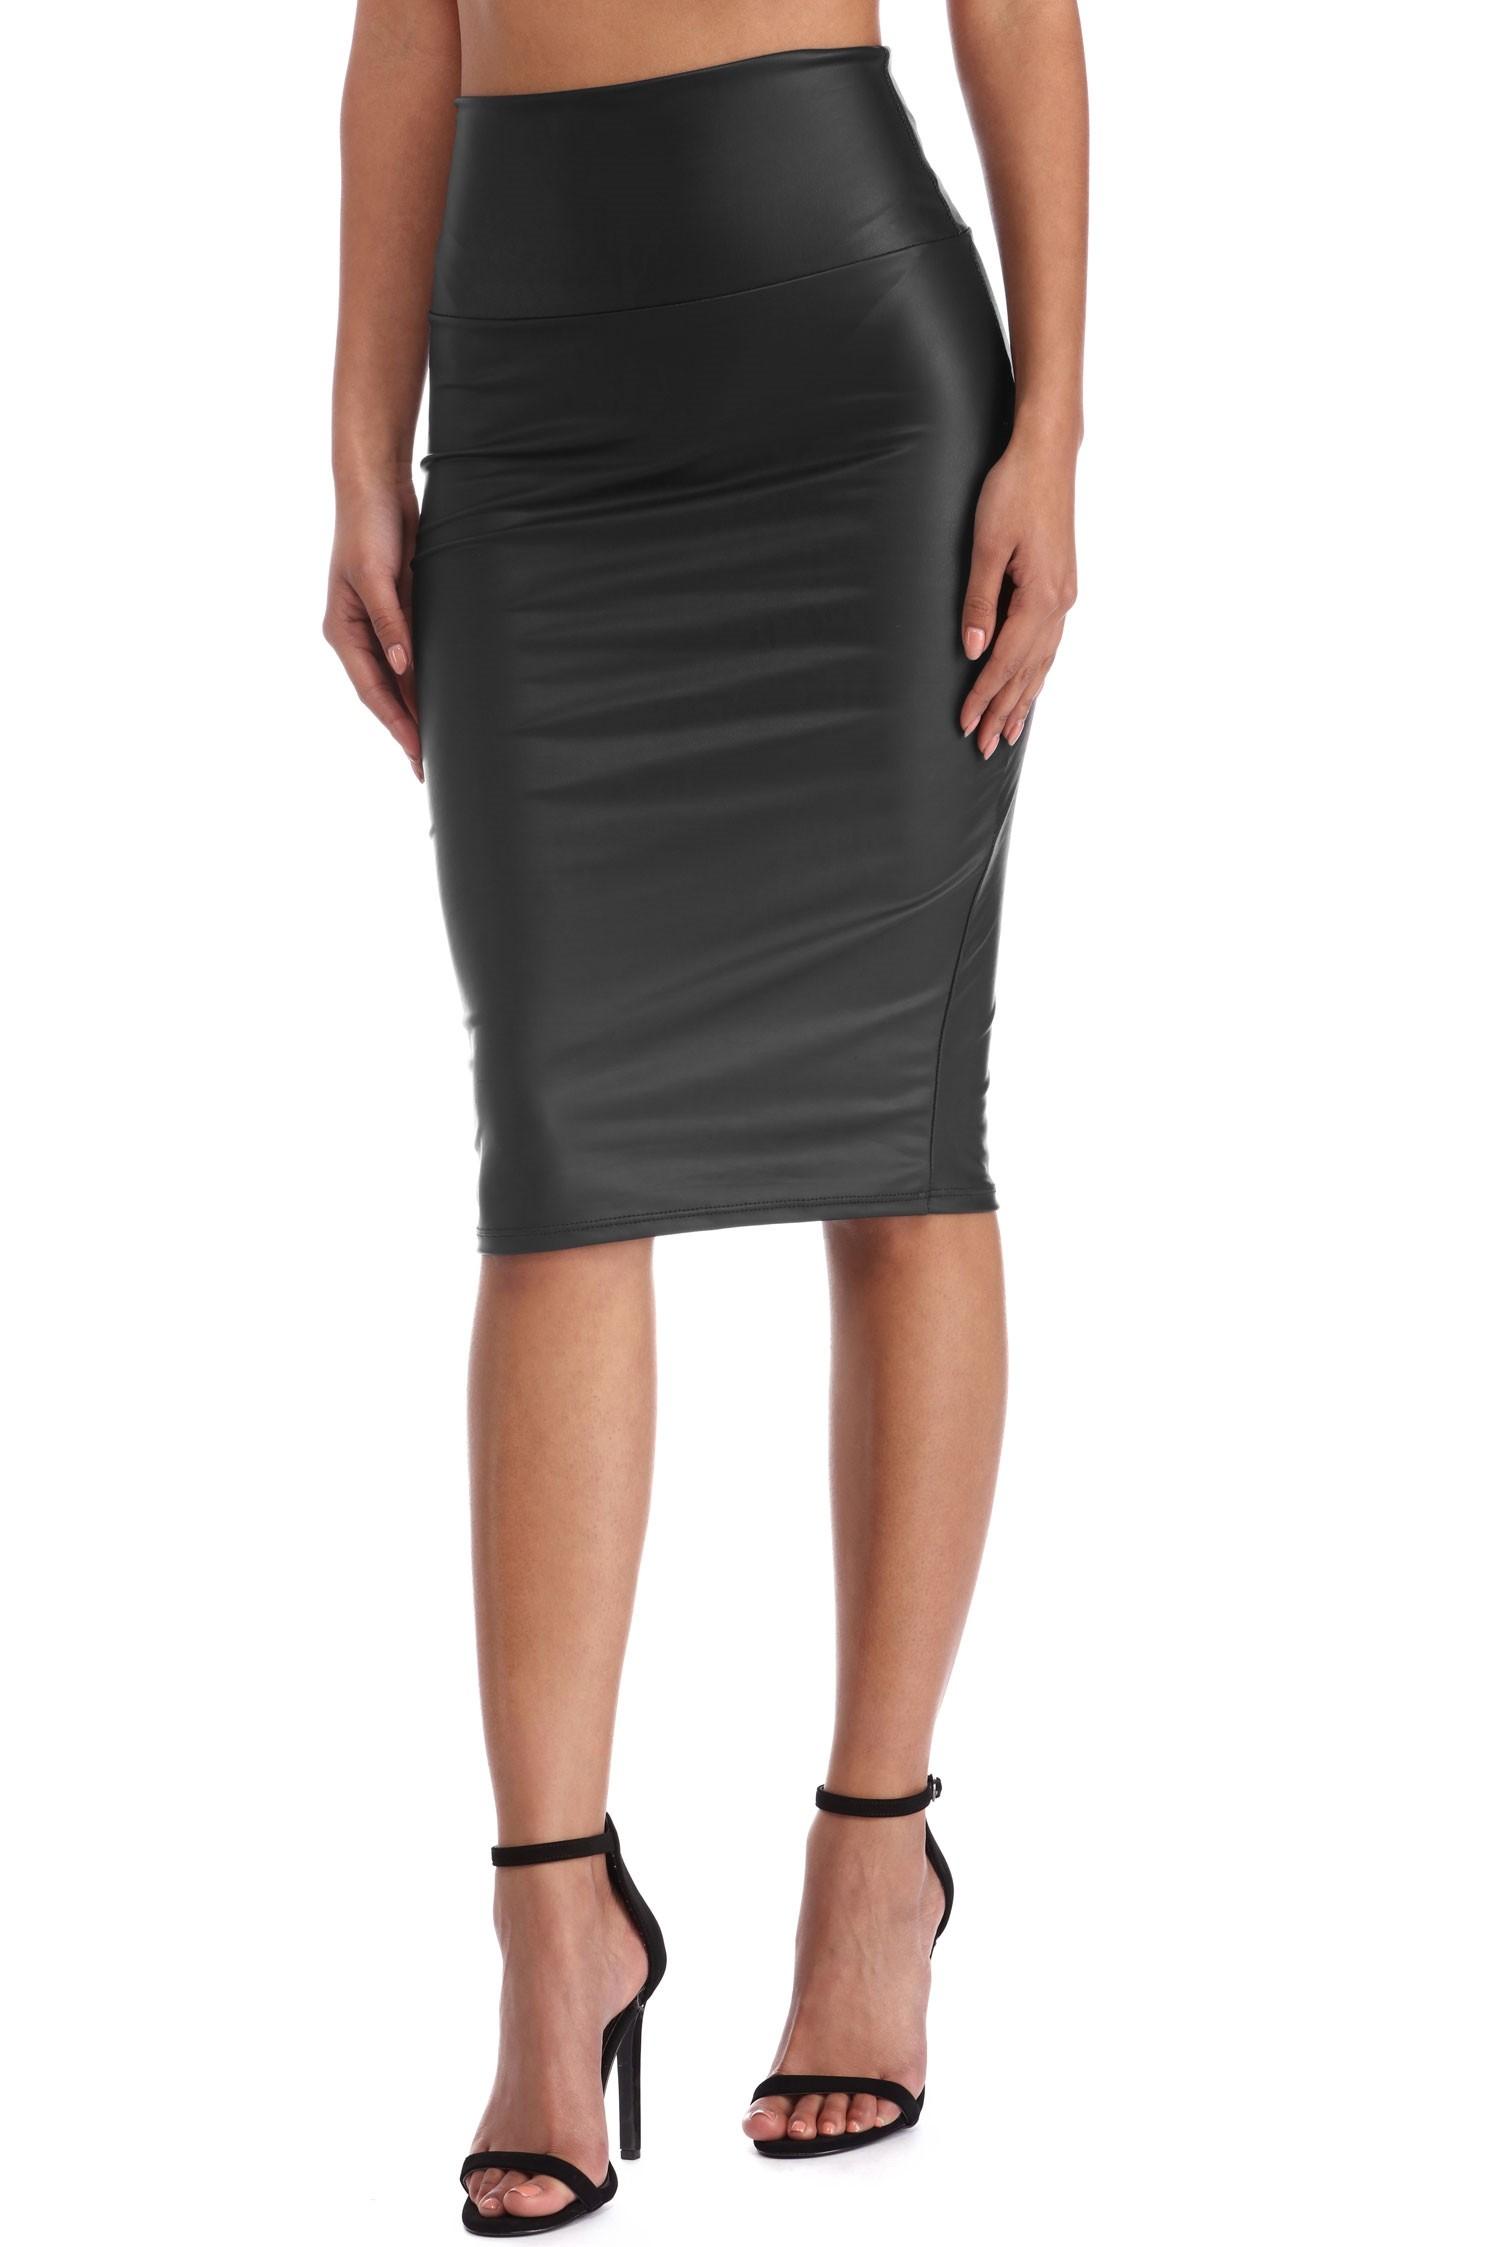 Plus Size Faux Leather Pencil Skirt | Patent Leather Skirt | Faux Leather Skirt